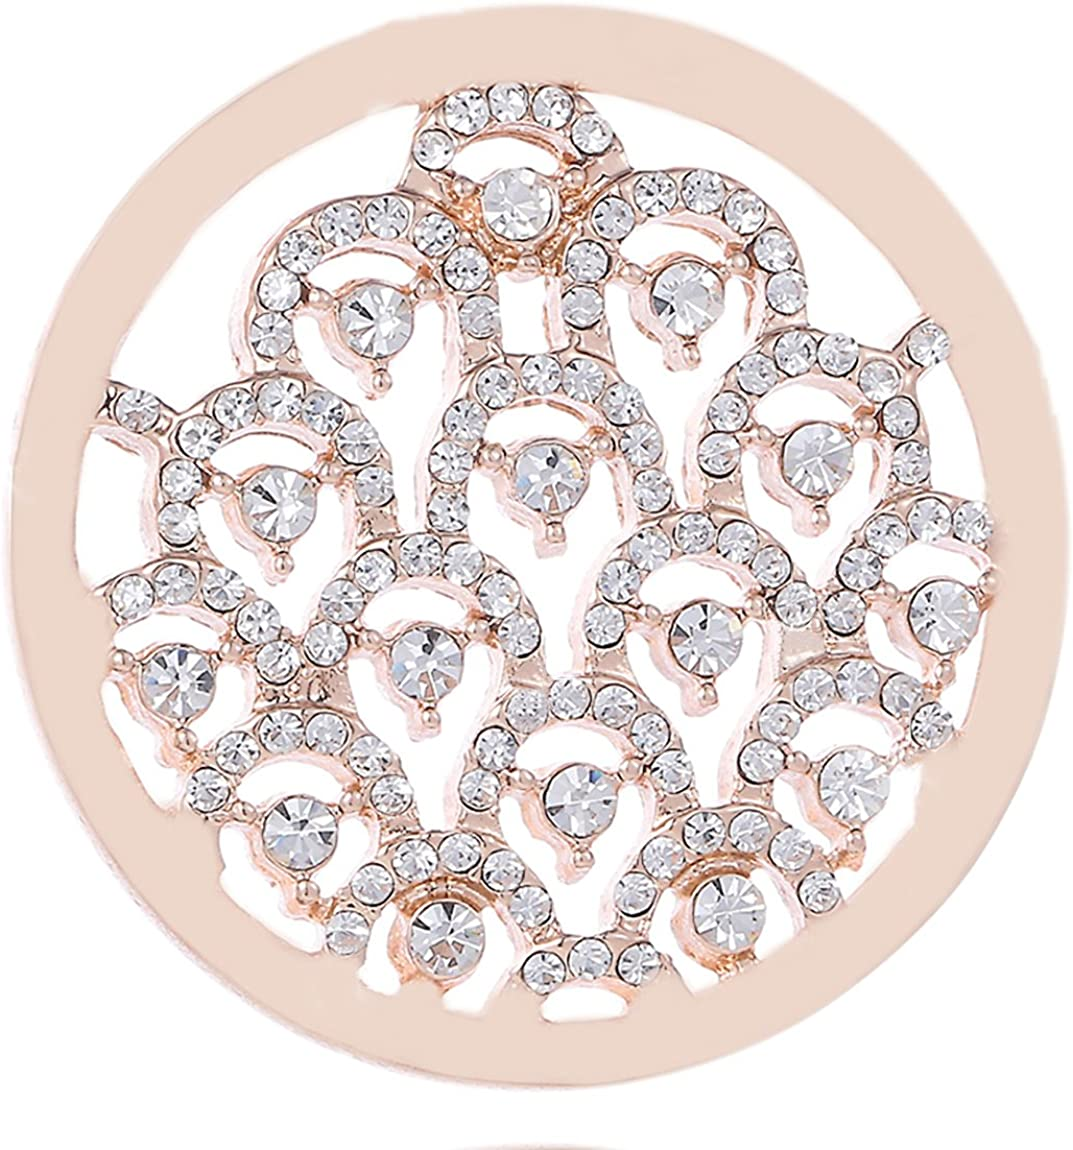 Morella Donna Coins Moneta Ciondolo Rotondo 33 mm con zirconi